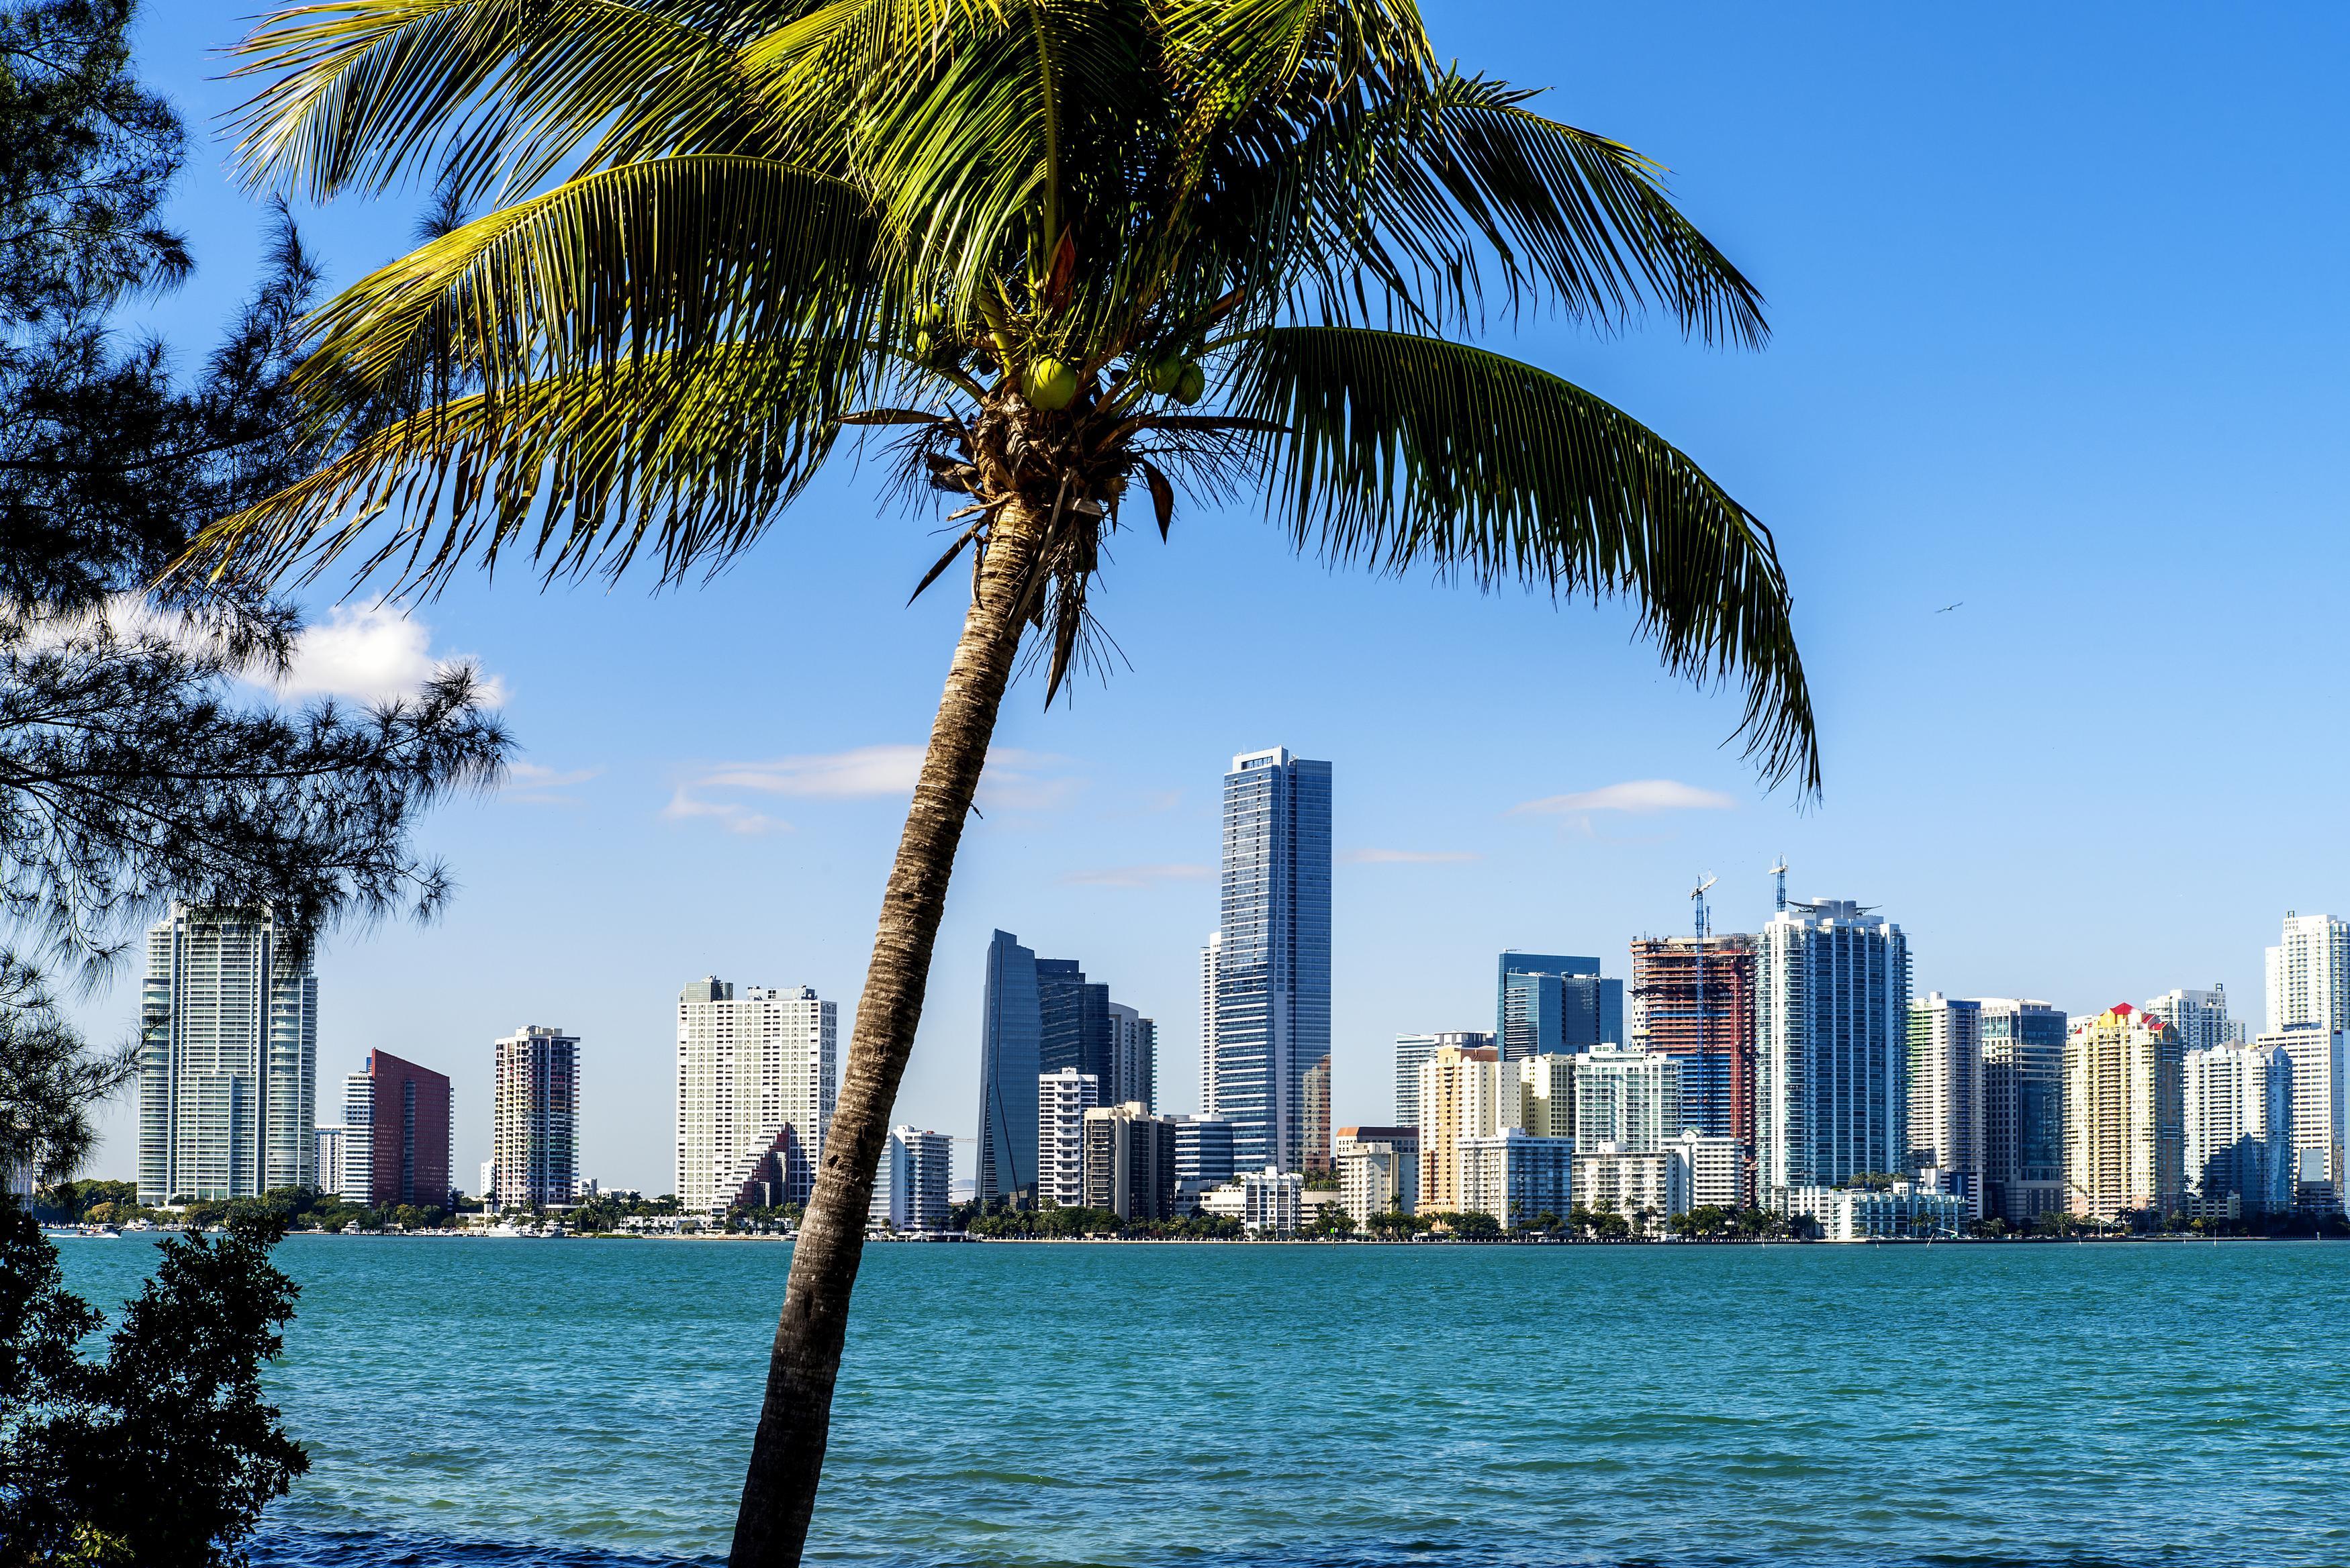 Miami August - Oktober ab Düsseldorf mit Lufthansa für 296,25€